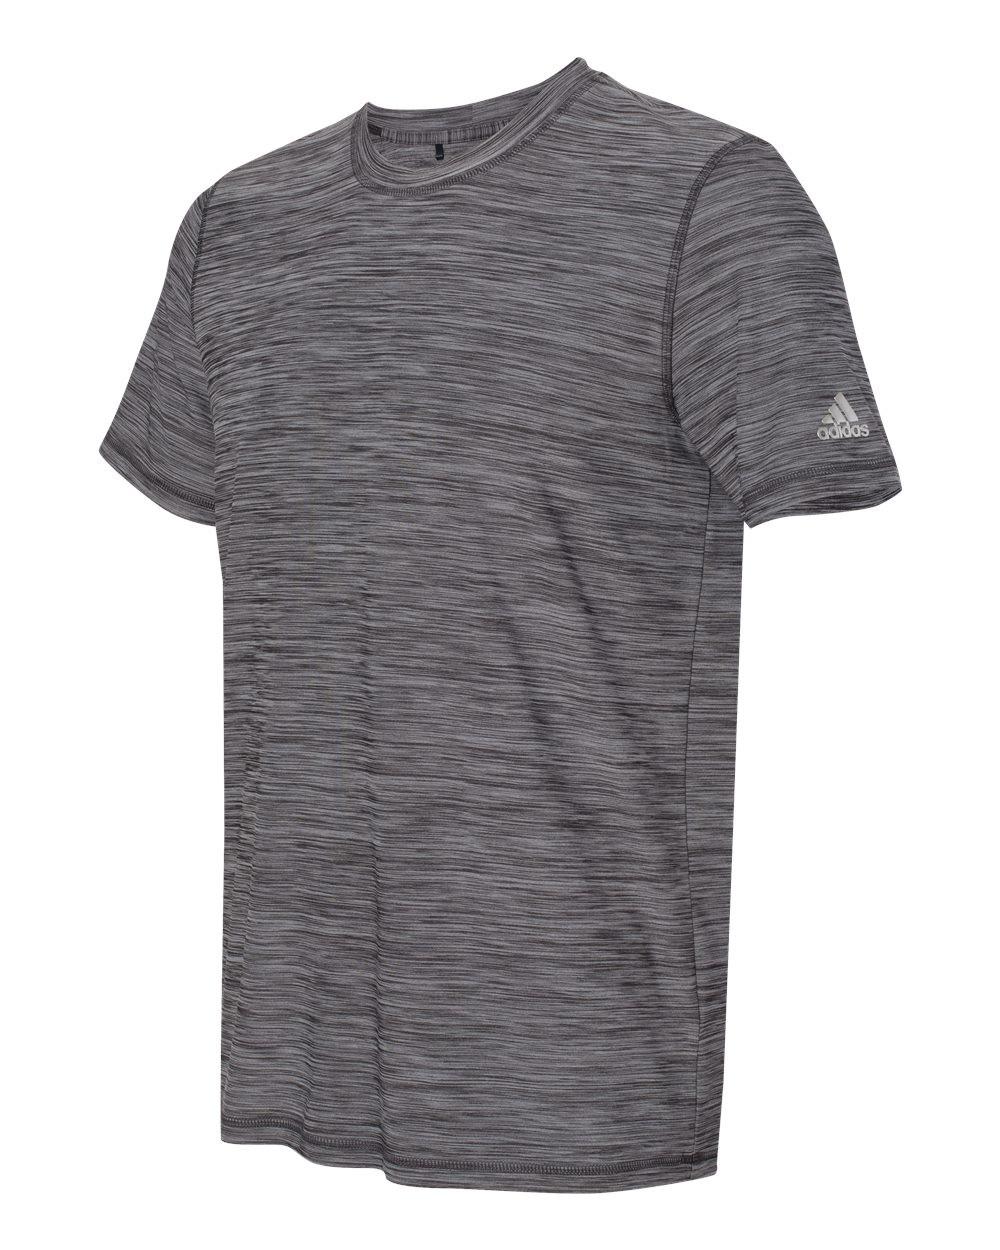 Adidas - Melange Tech T-Shirt - A372